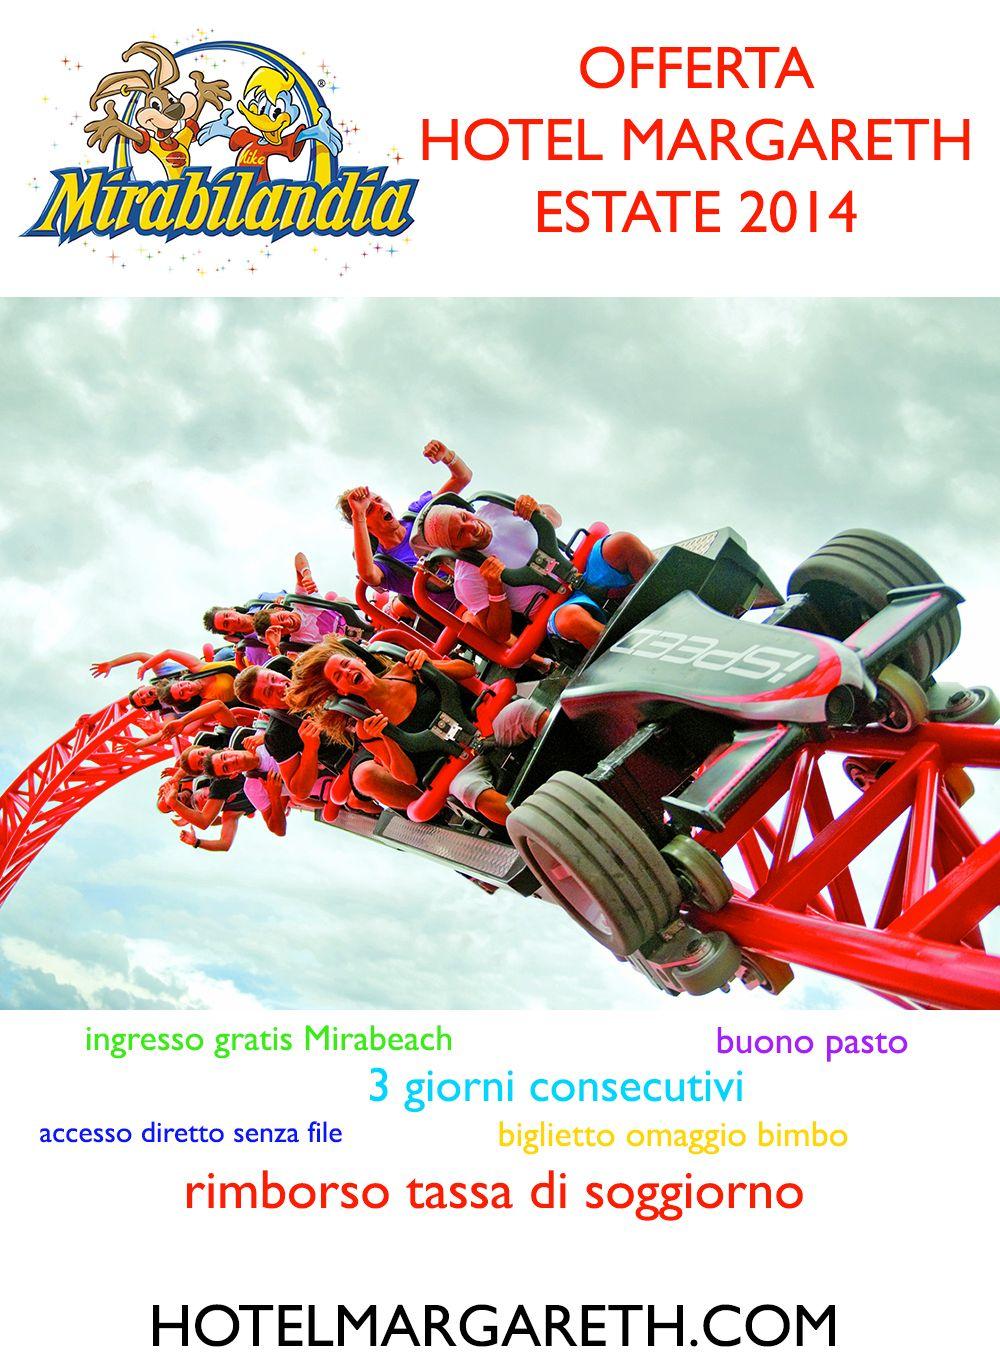 Offerta Mirabilandia 2014 Soggiorno Hotel Margareth Riccione ...